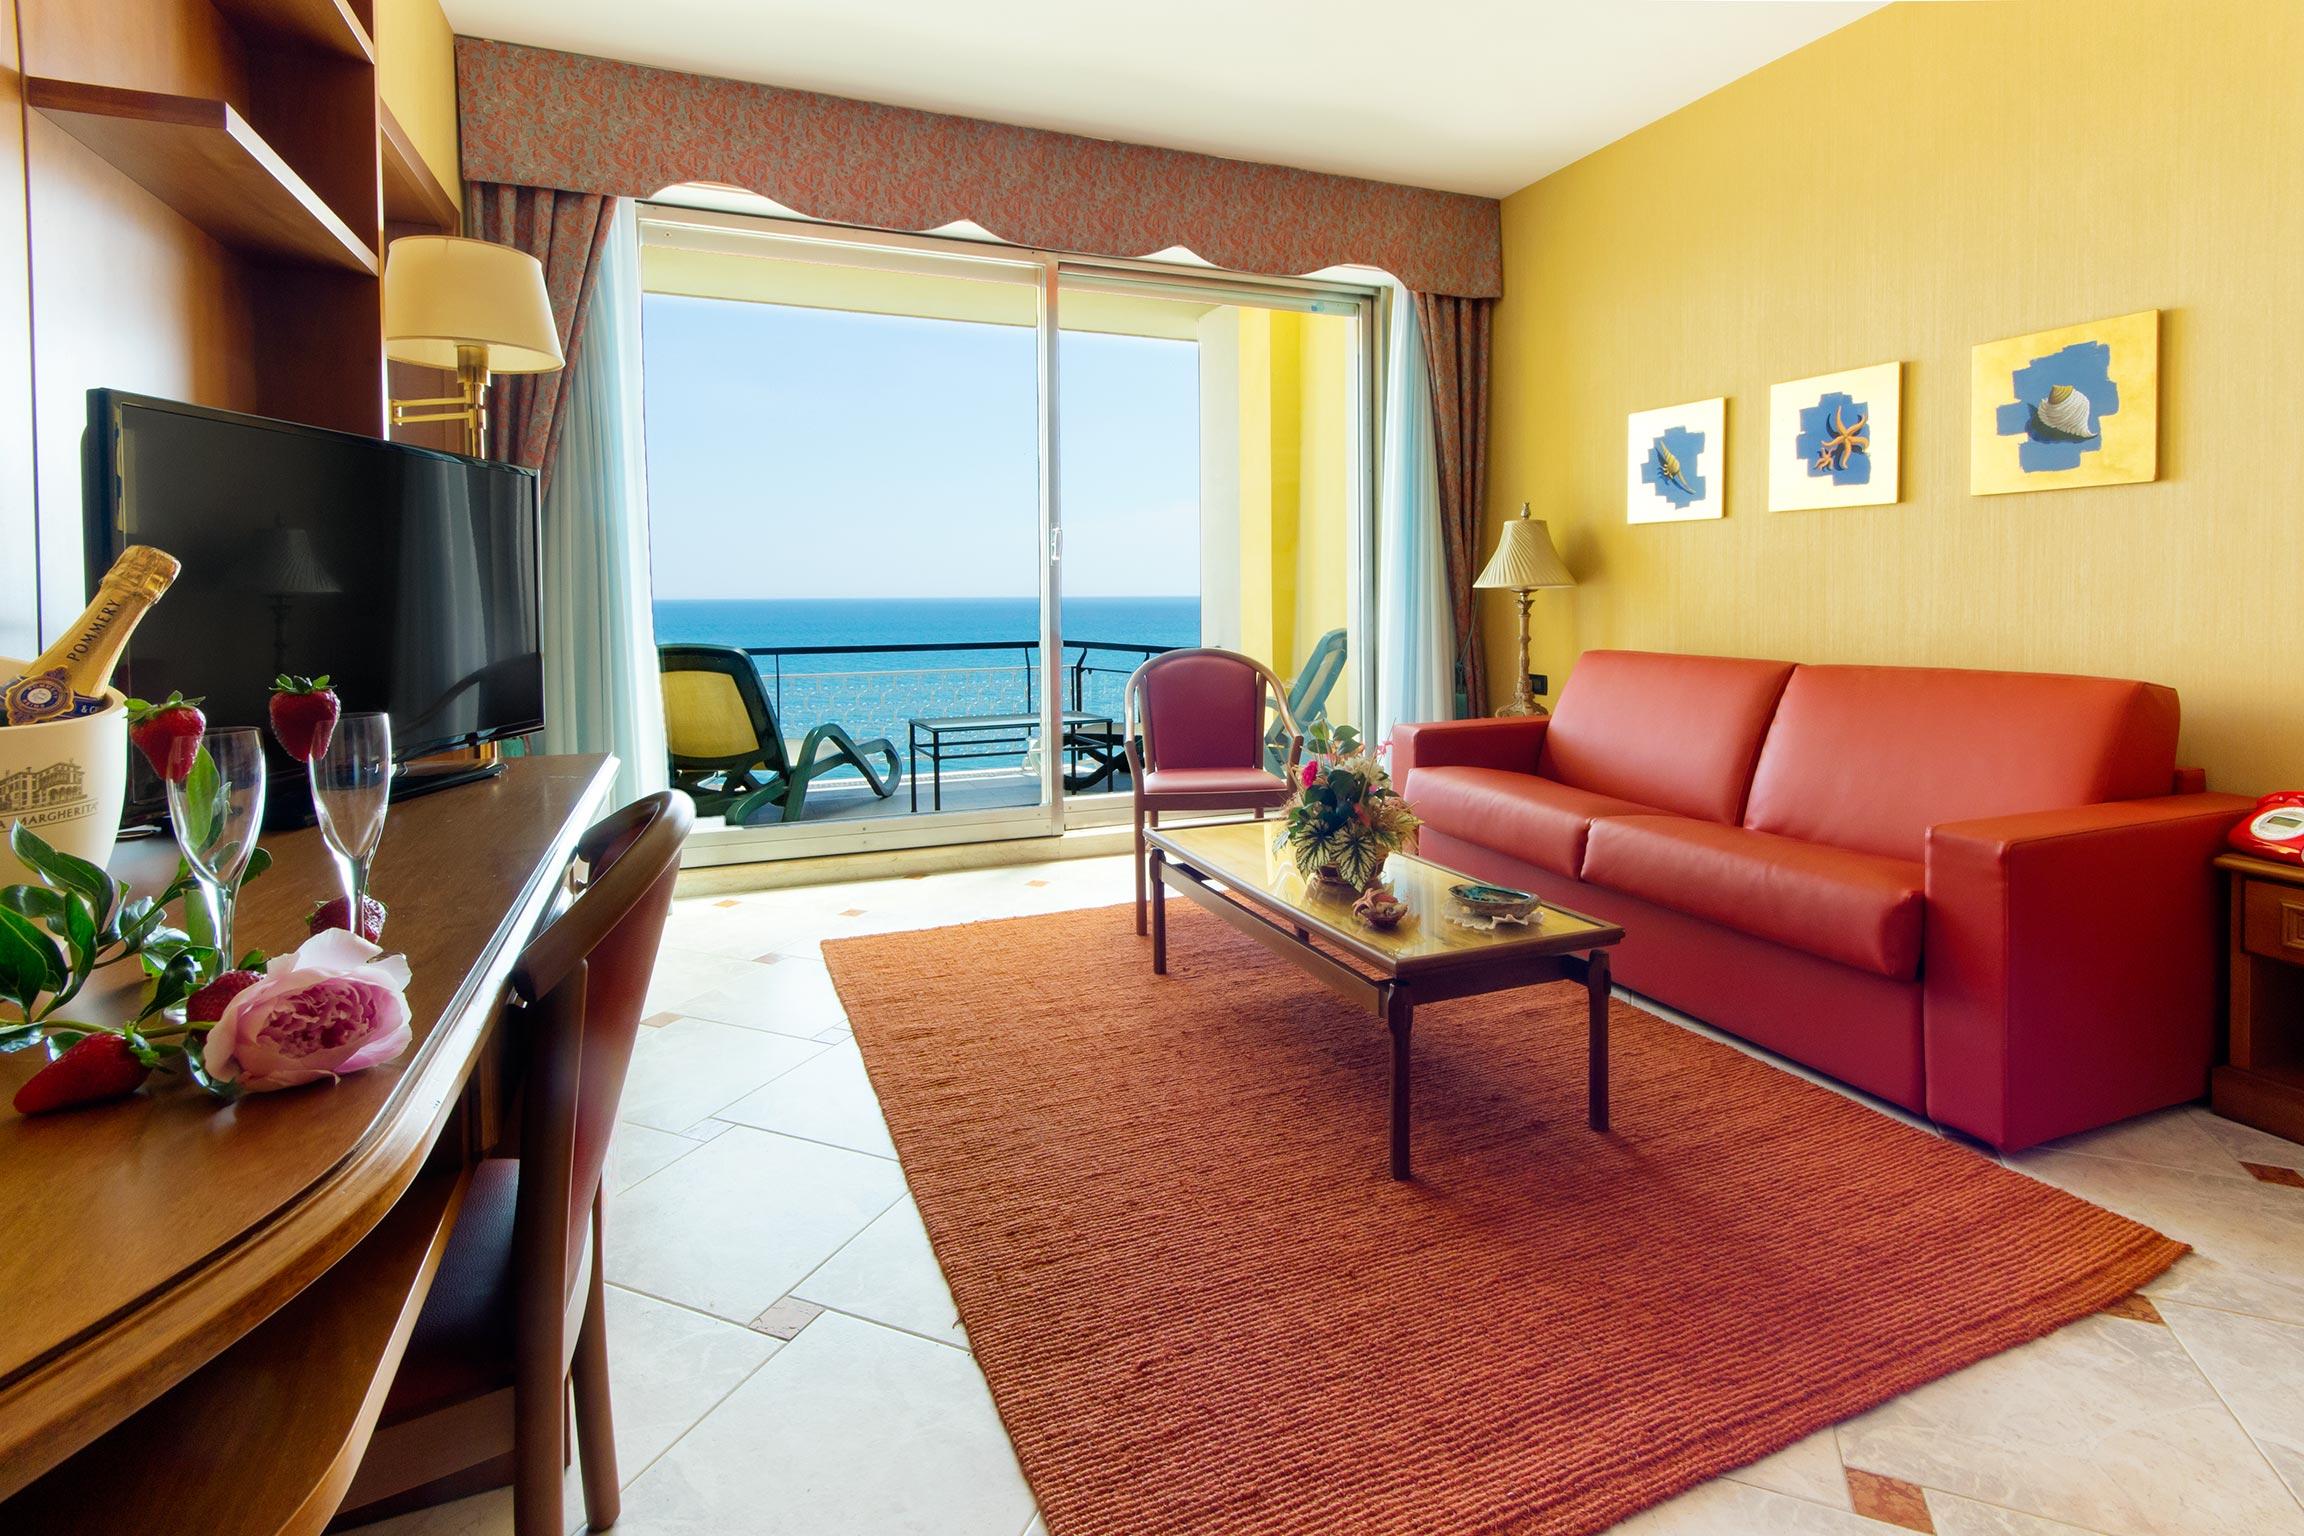 camere hotel diano marina - salotto della suite